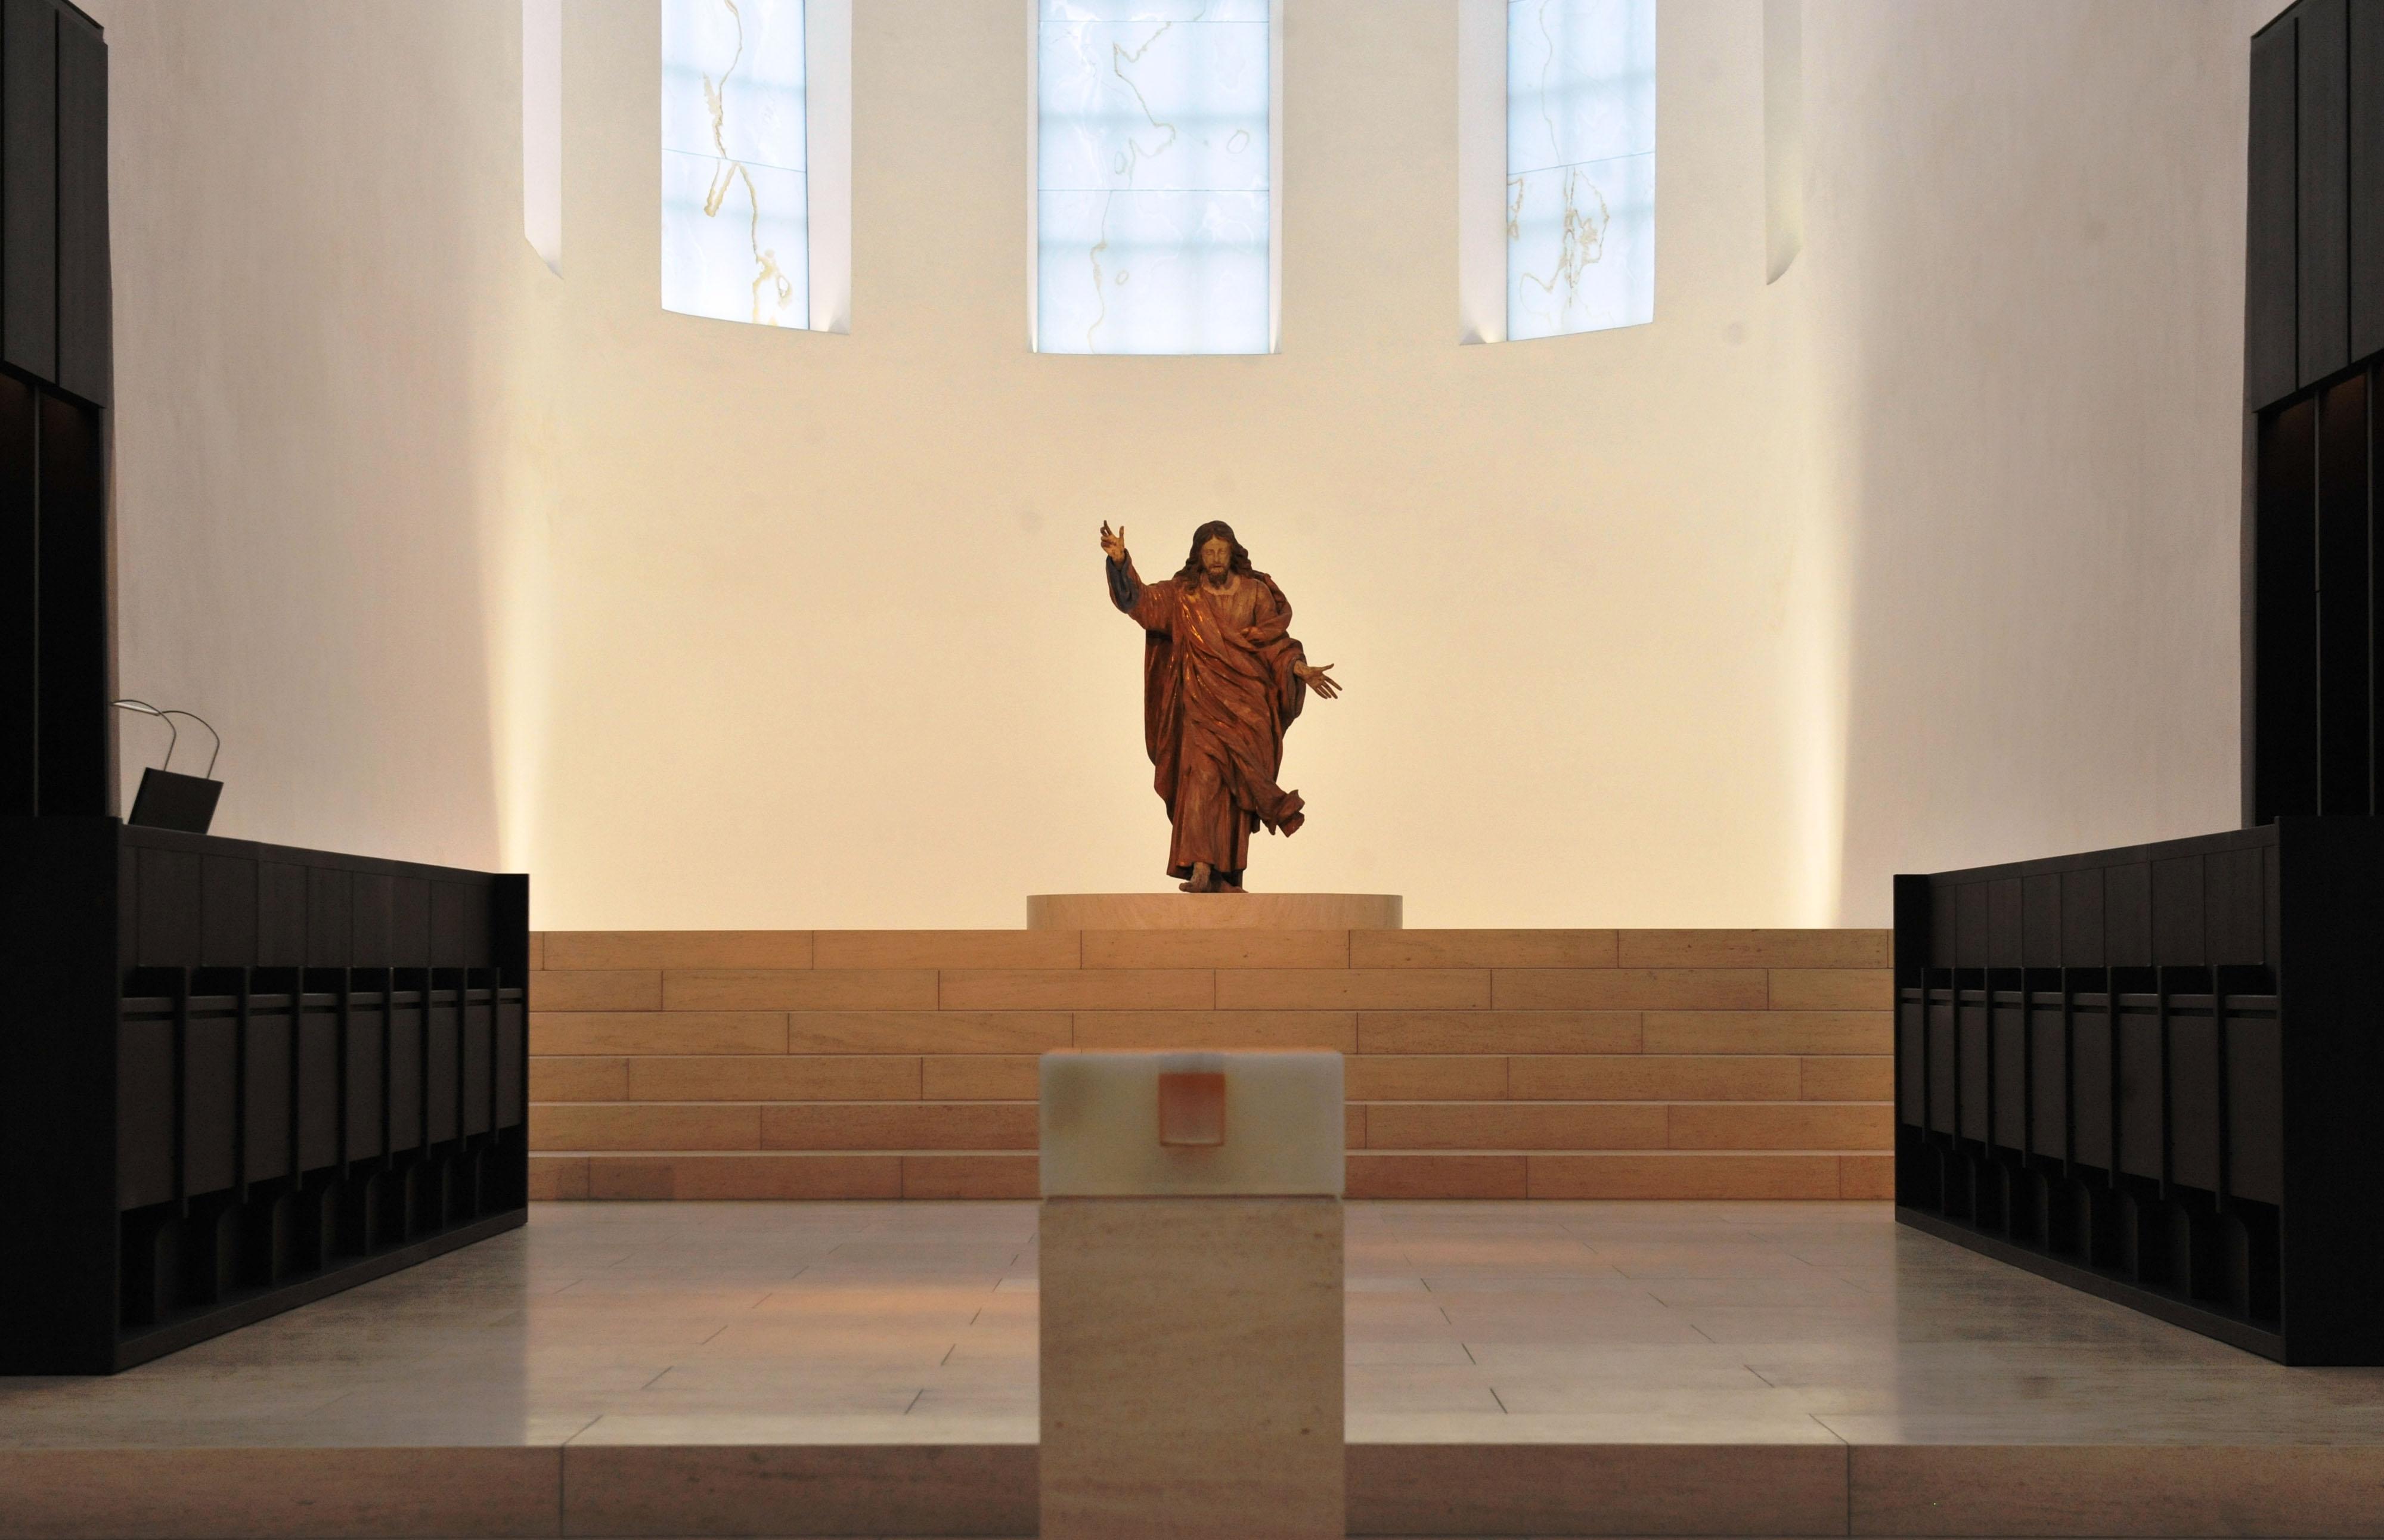 Wiederkehrender Christus in der Stadtpfarrkirche St. Moritz. (Foto: Nicolas Schnall / pba)